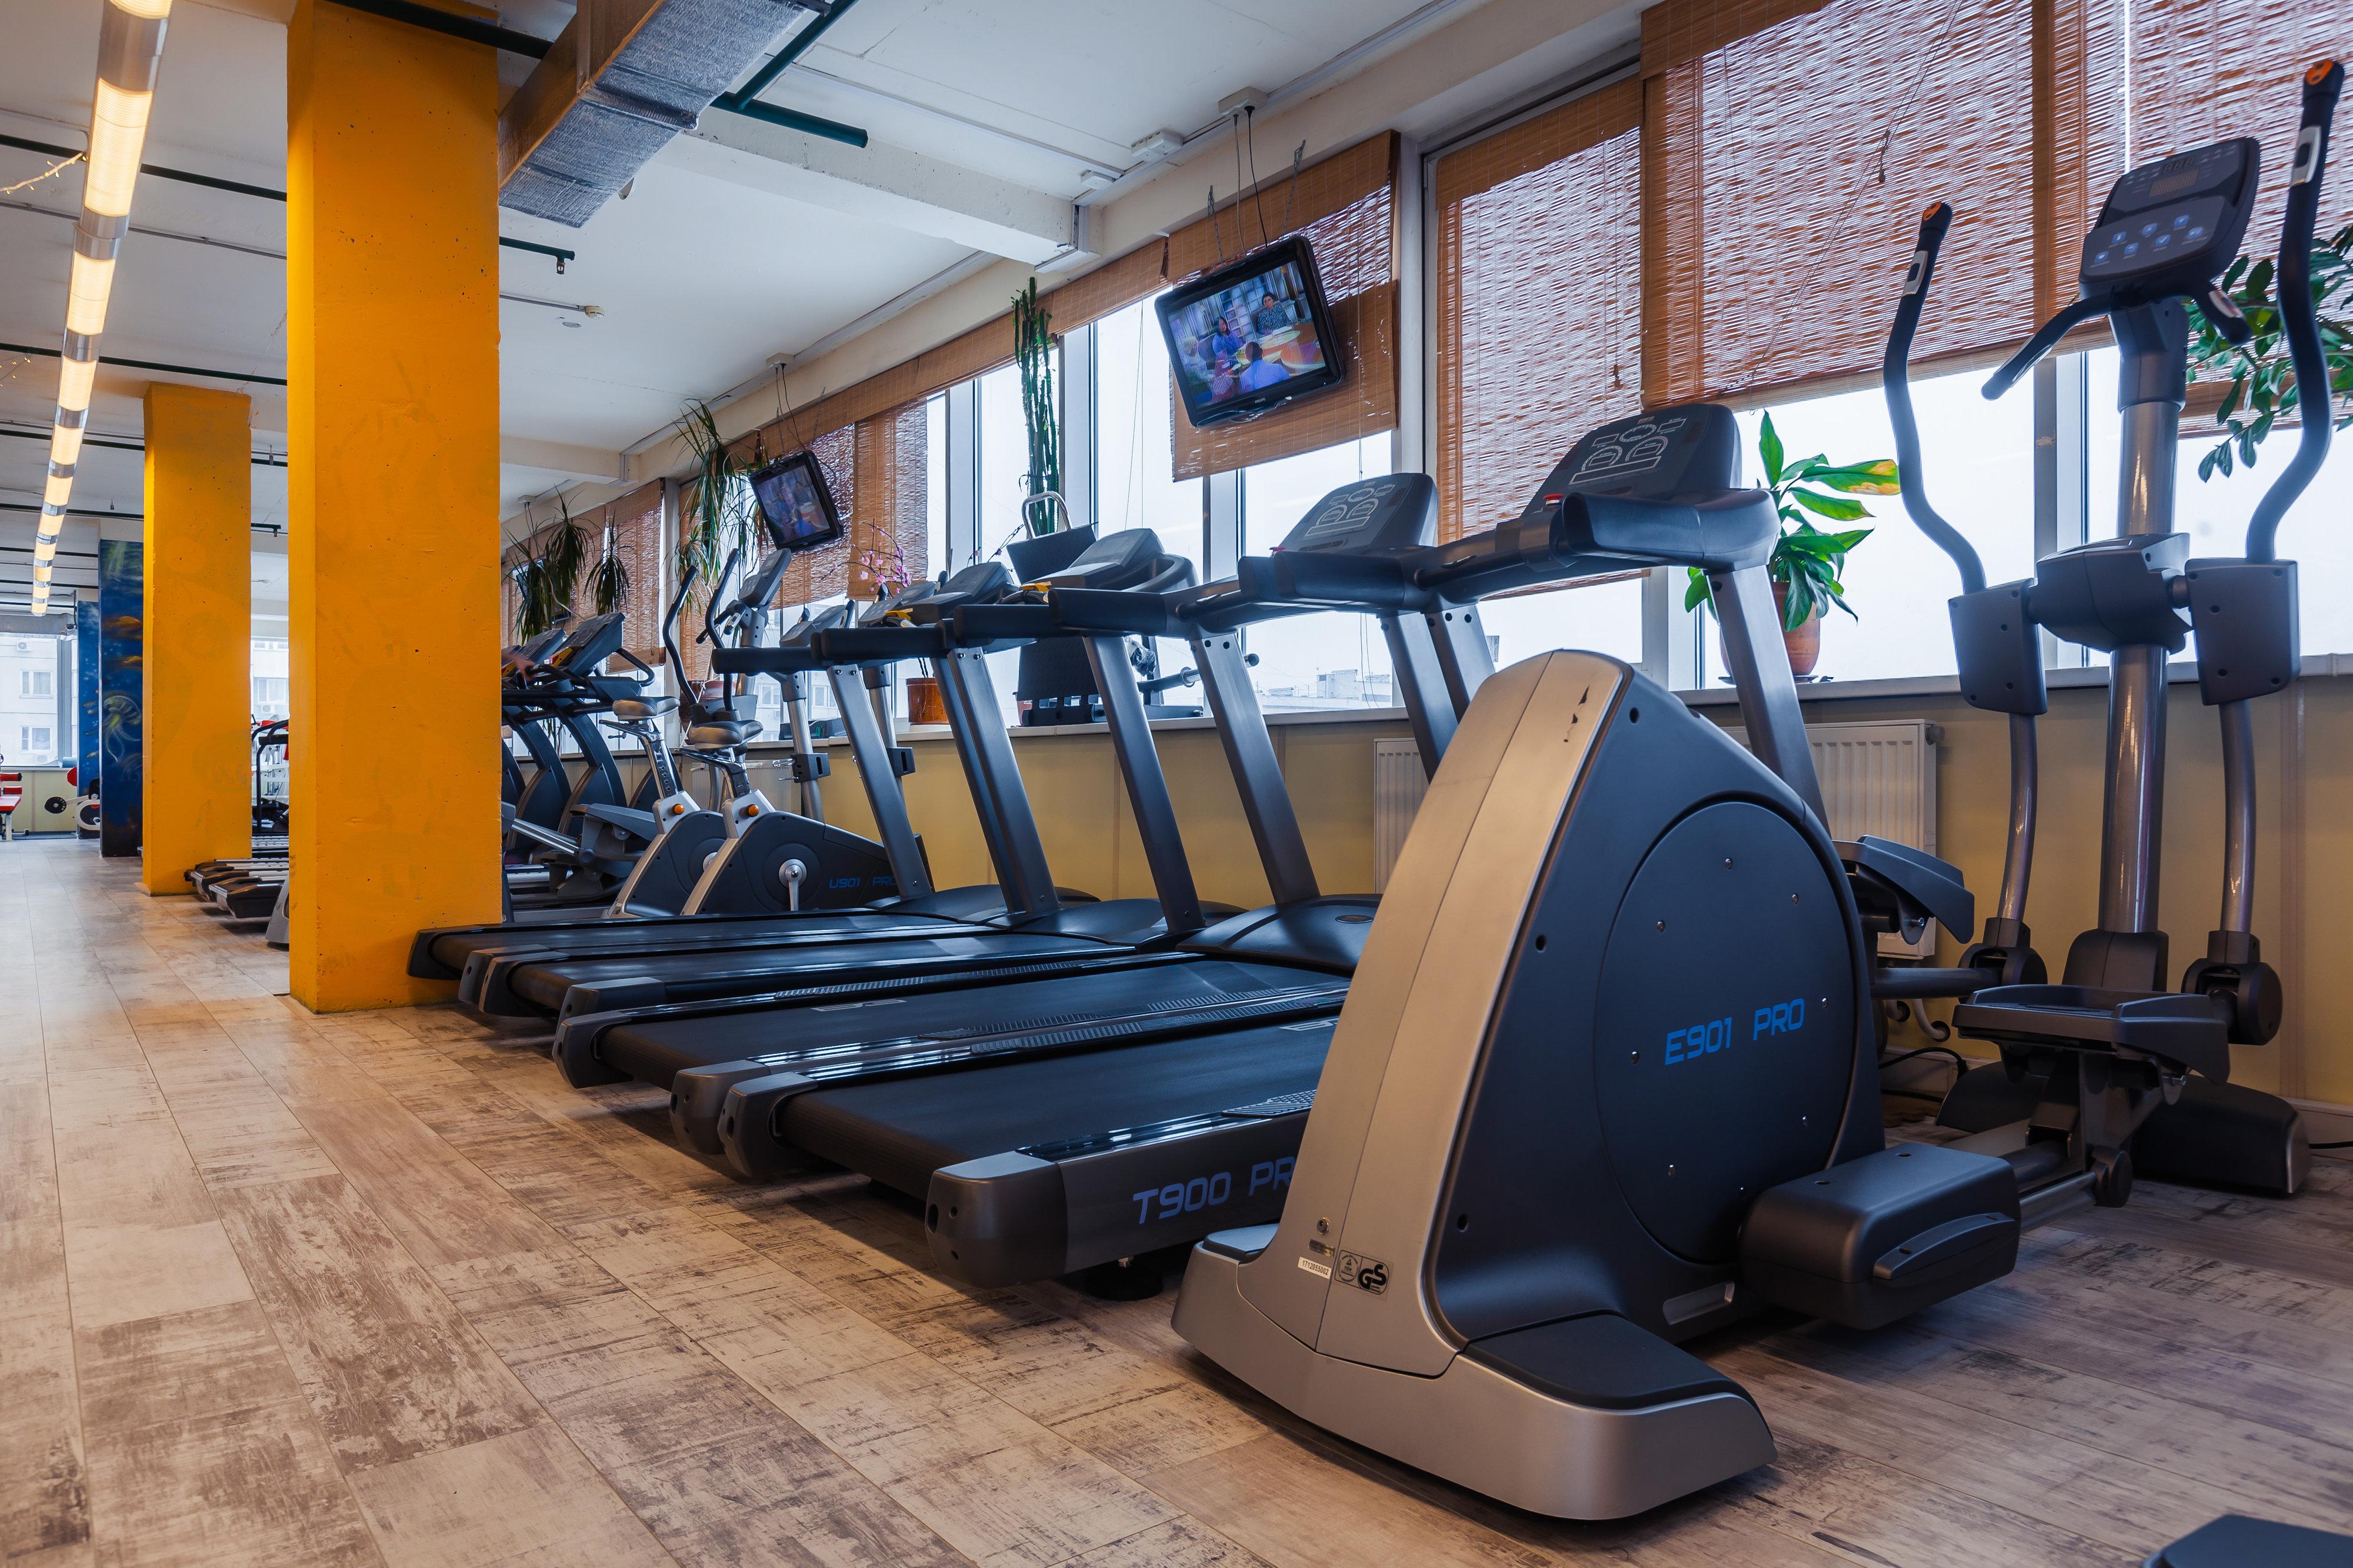 Фитнес клубы москва перово вакансии в фитнес клубе москвы